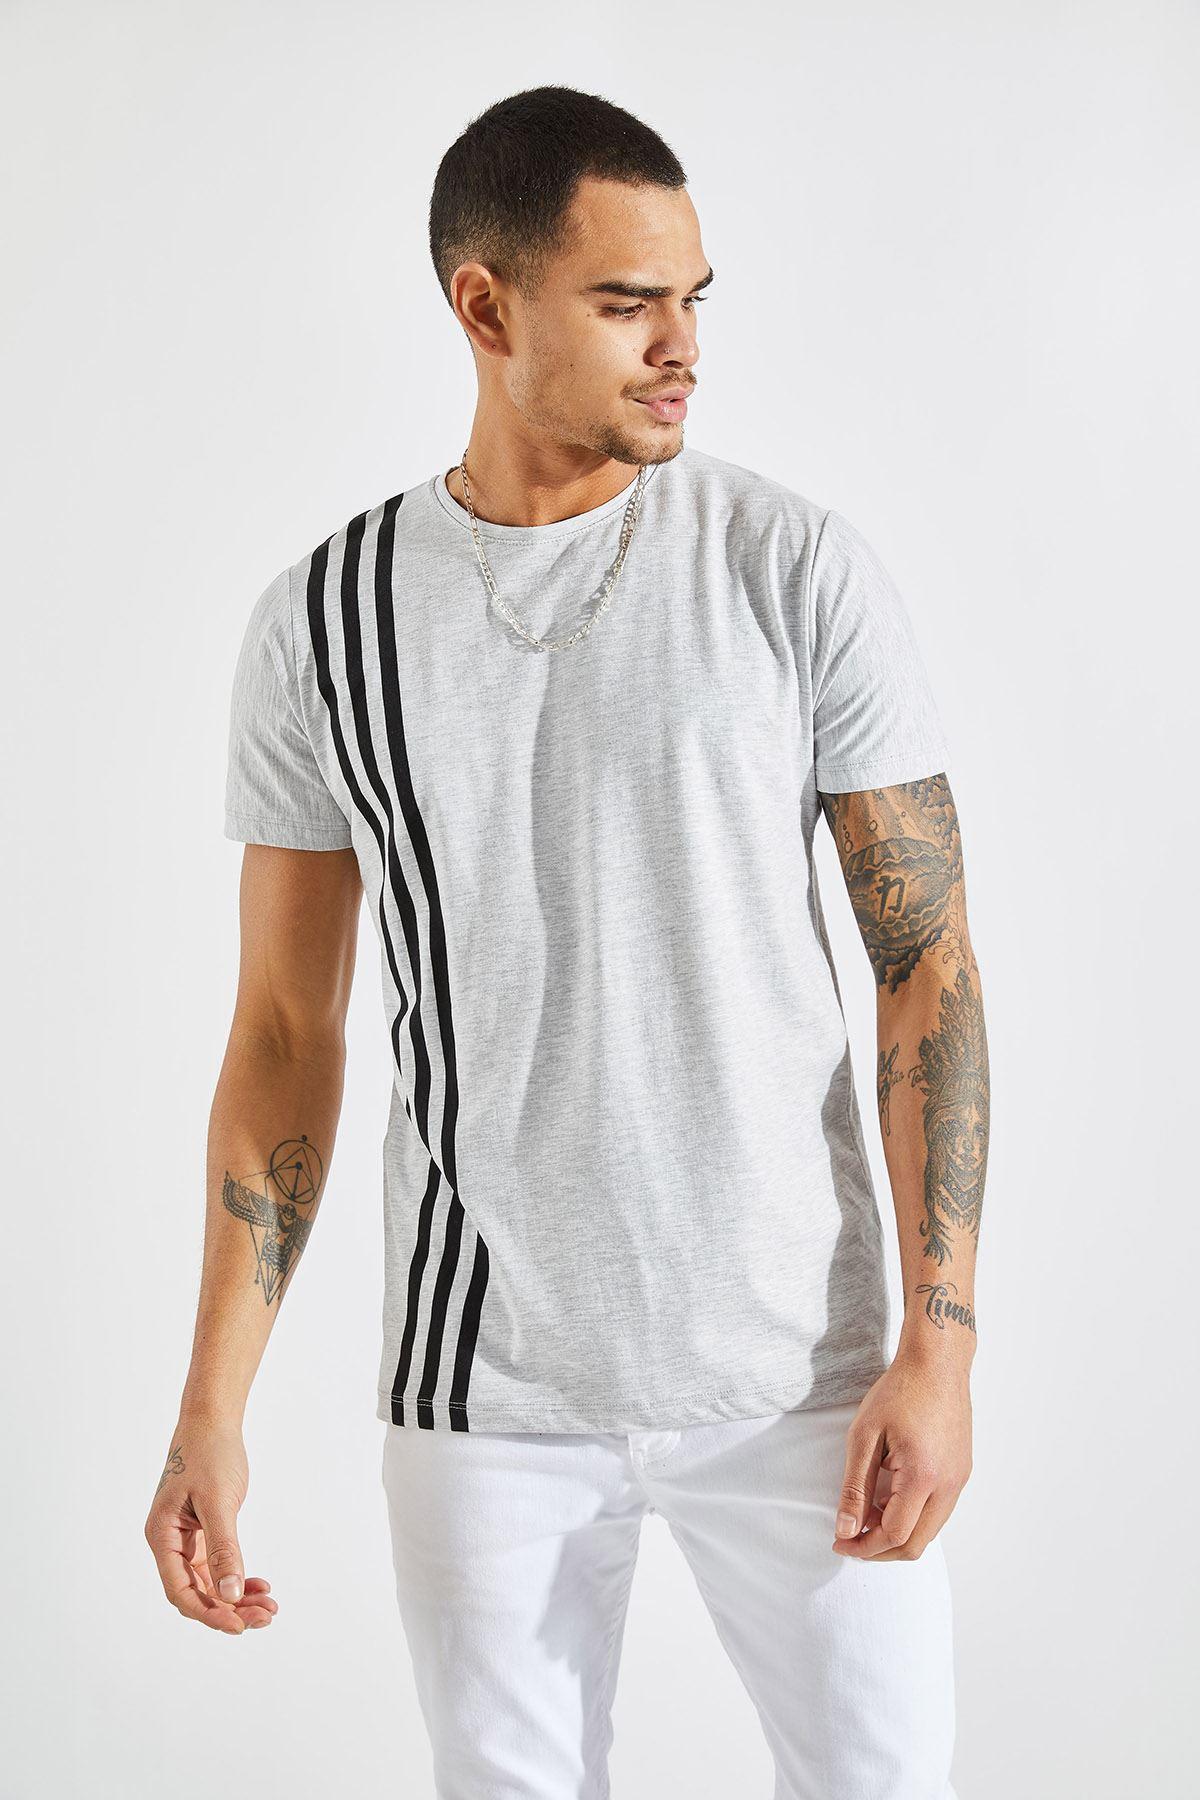 Erkek Üç Çizgi Baskılı Gri Tişört